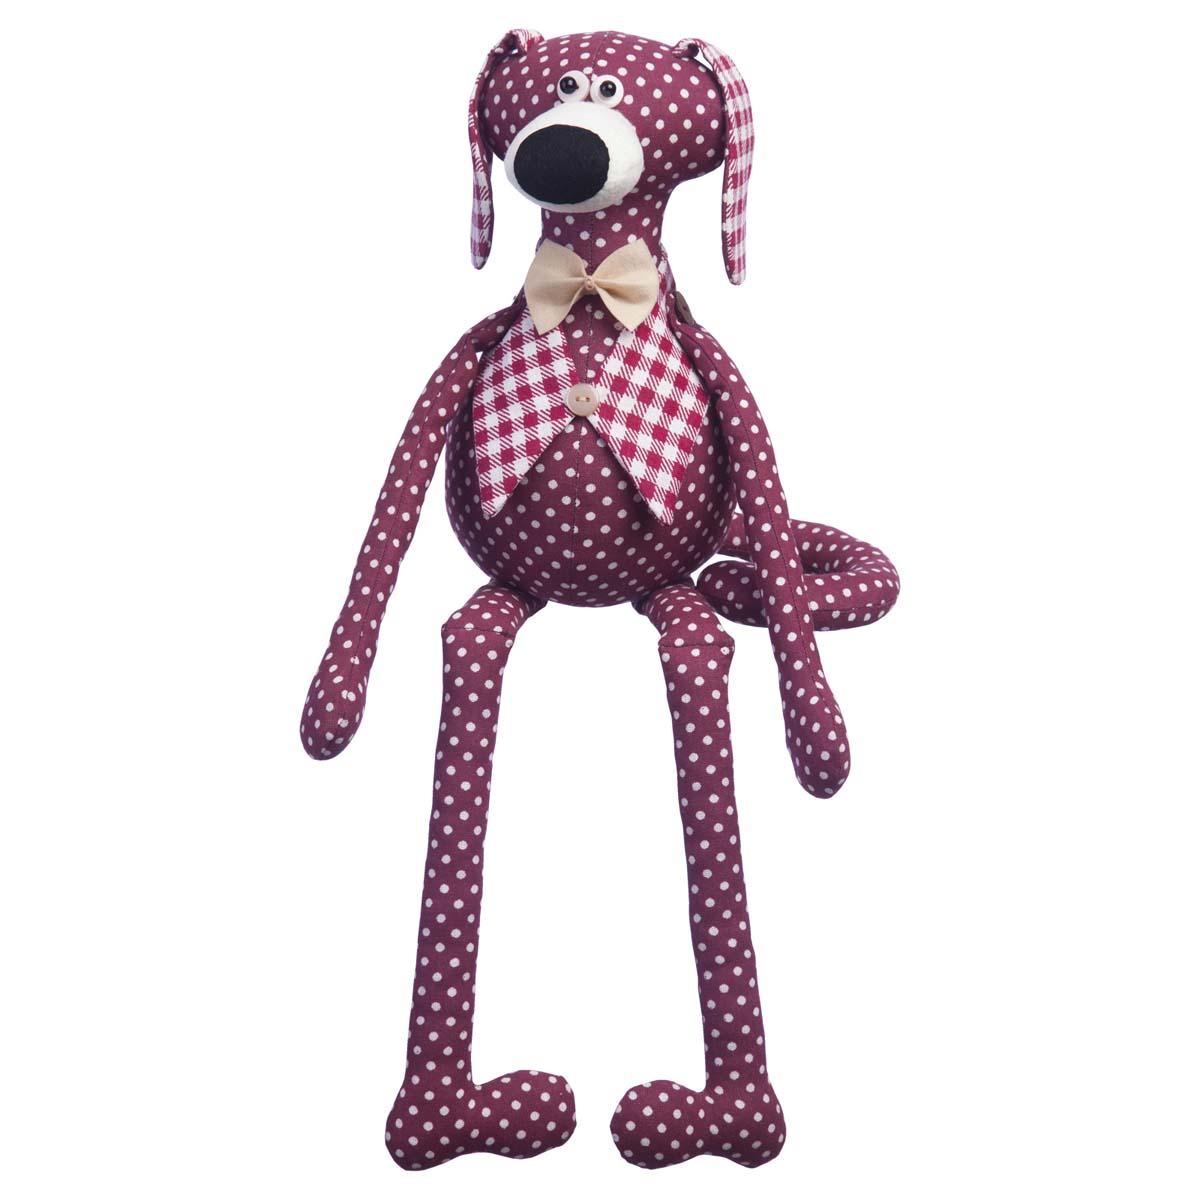 ТК-010 Набор для шитья мягкой игрушки 'Пёс Прутик'